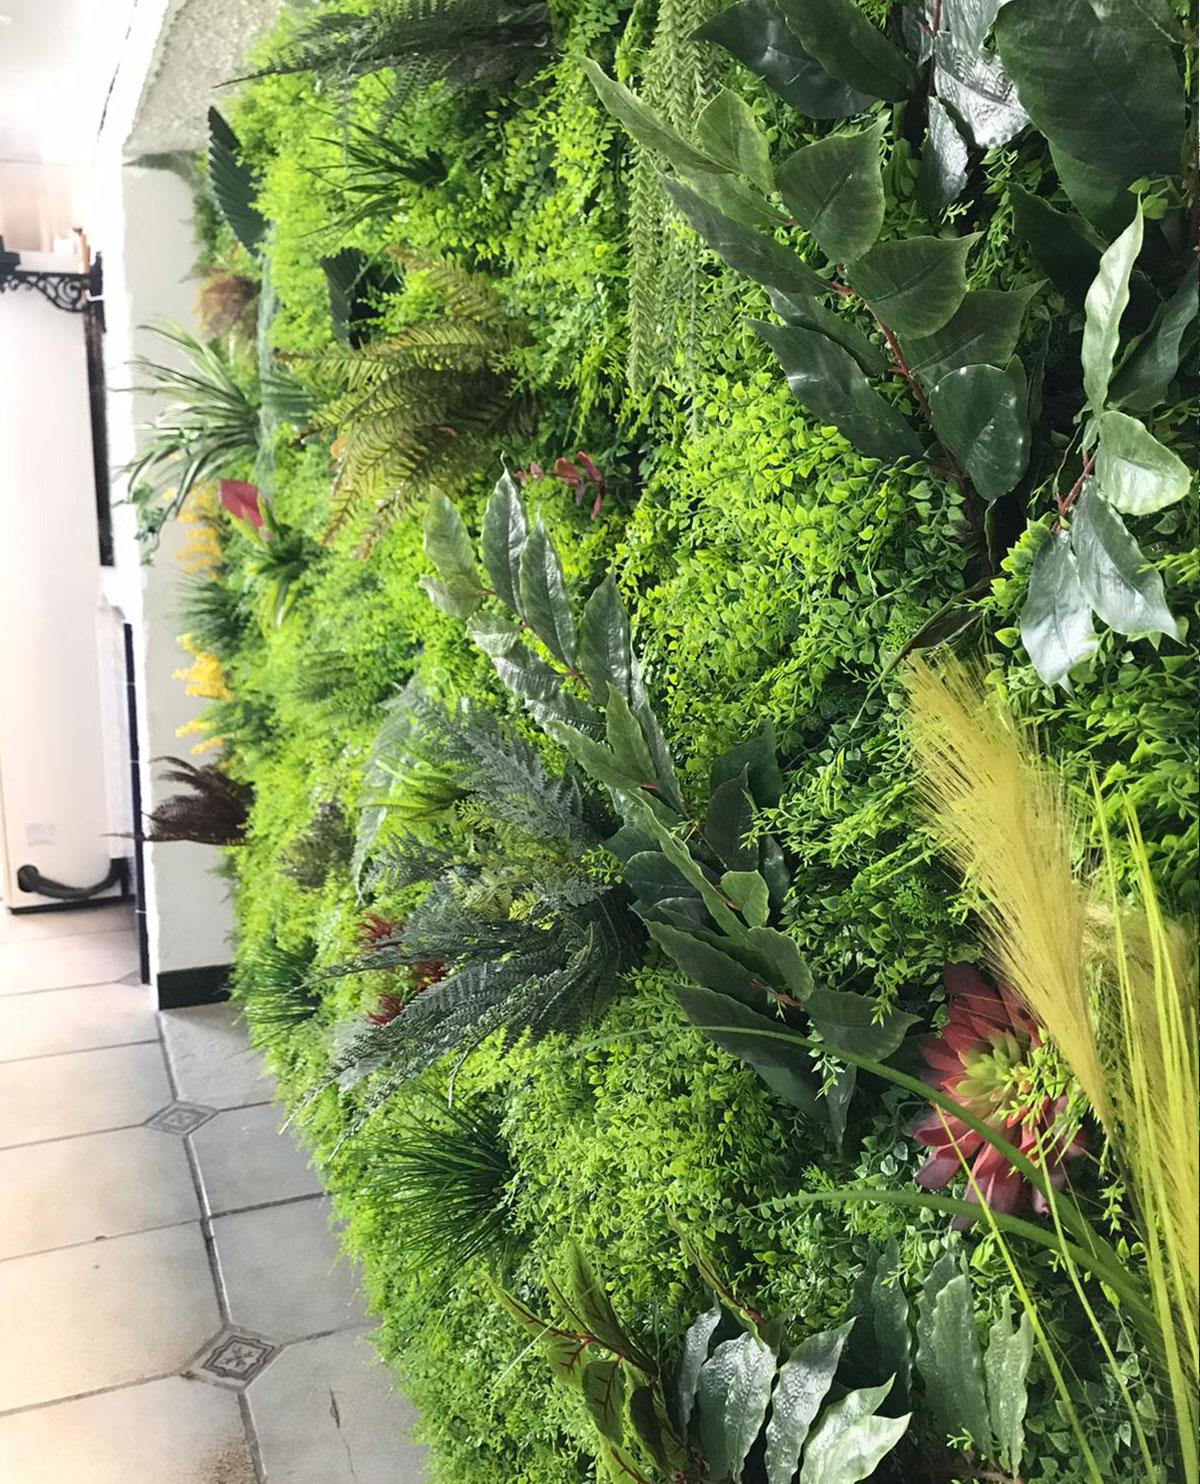 Jardin vertical en Chinchón